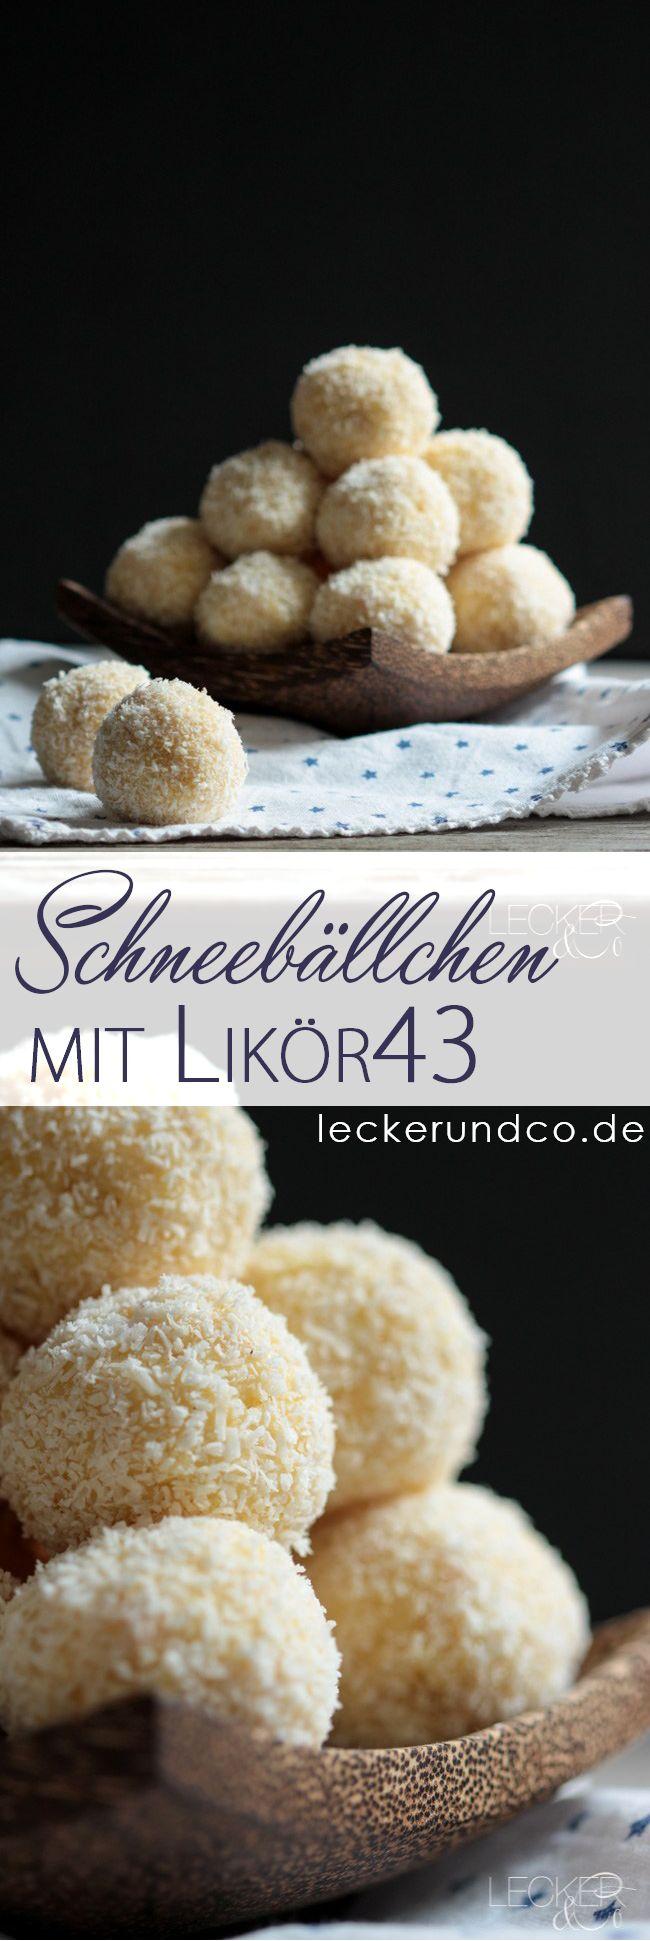 Schneebällchen mit Likör43 und Kokos